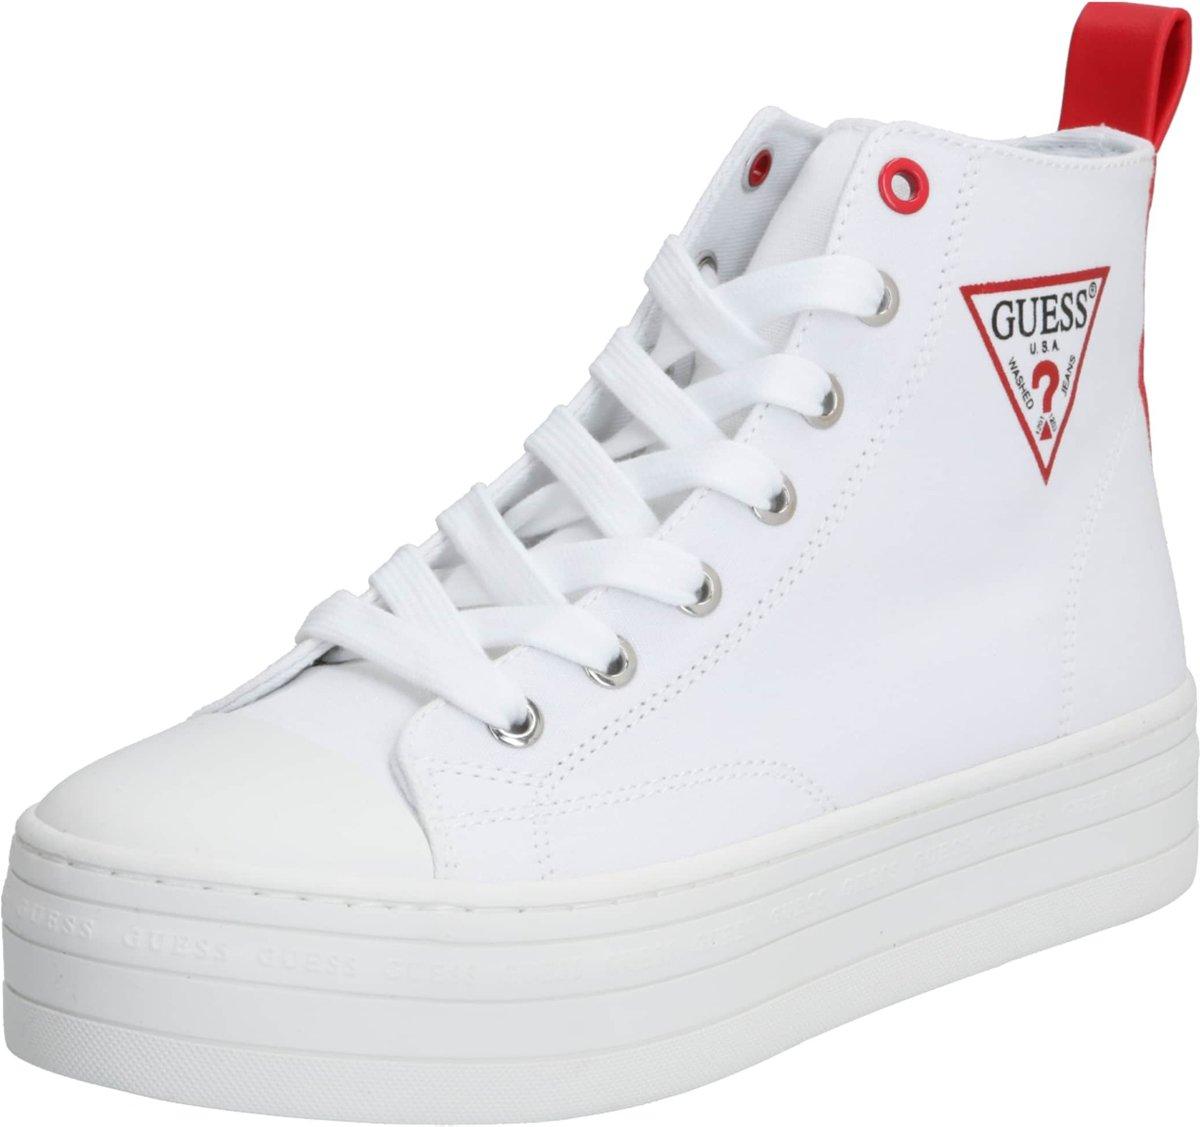 Guess Bokan Dames Sneakers Wit Maat 39